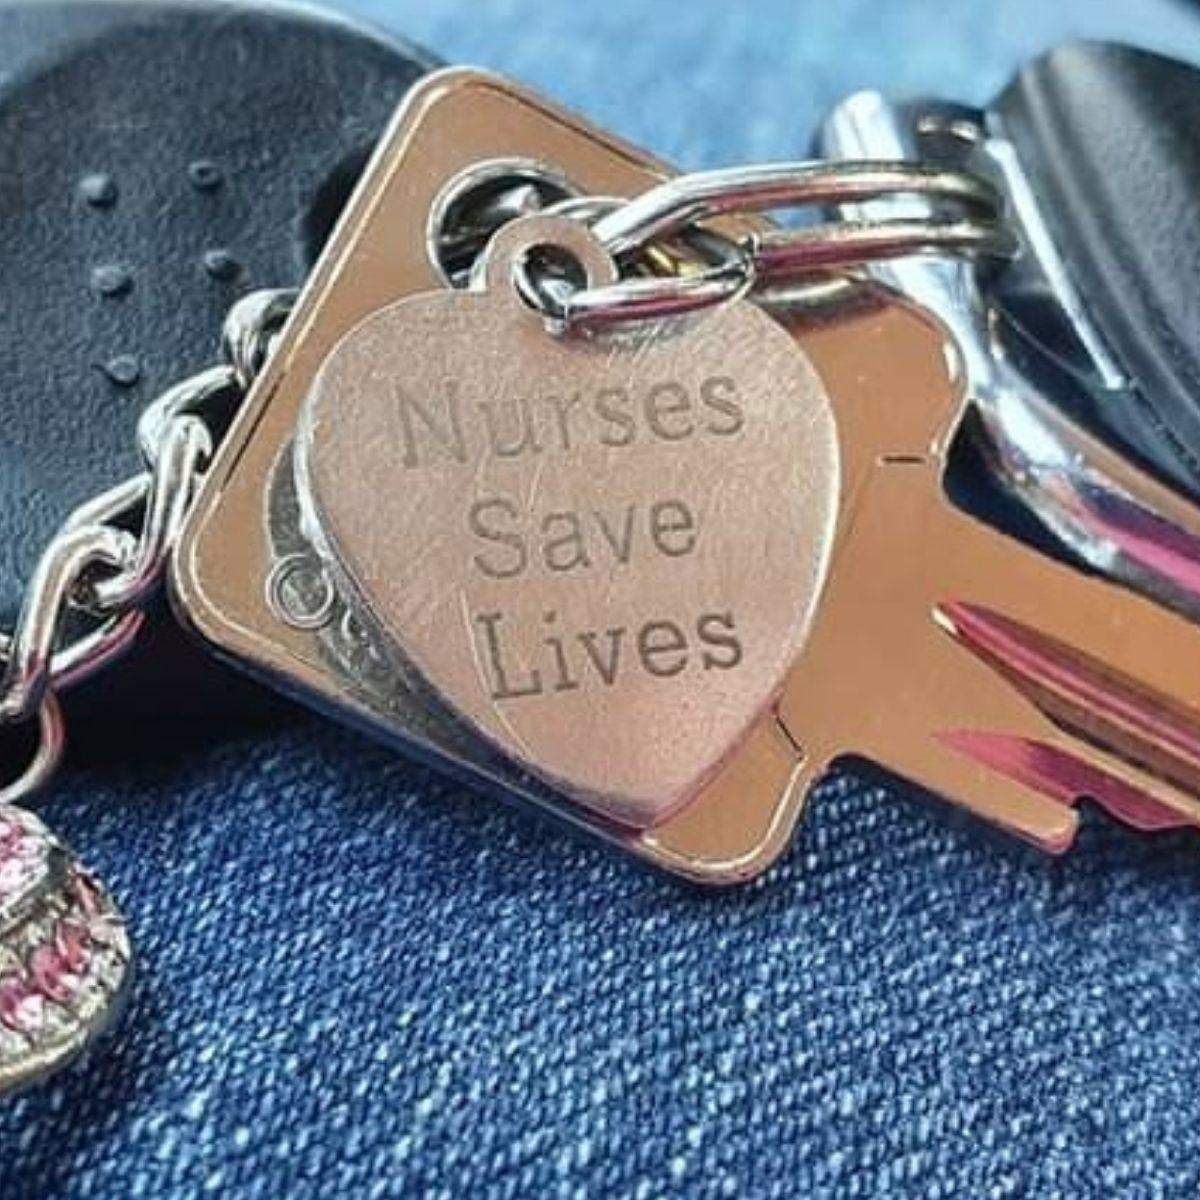 Schlüsselanhänger: Nurse Save Lives